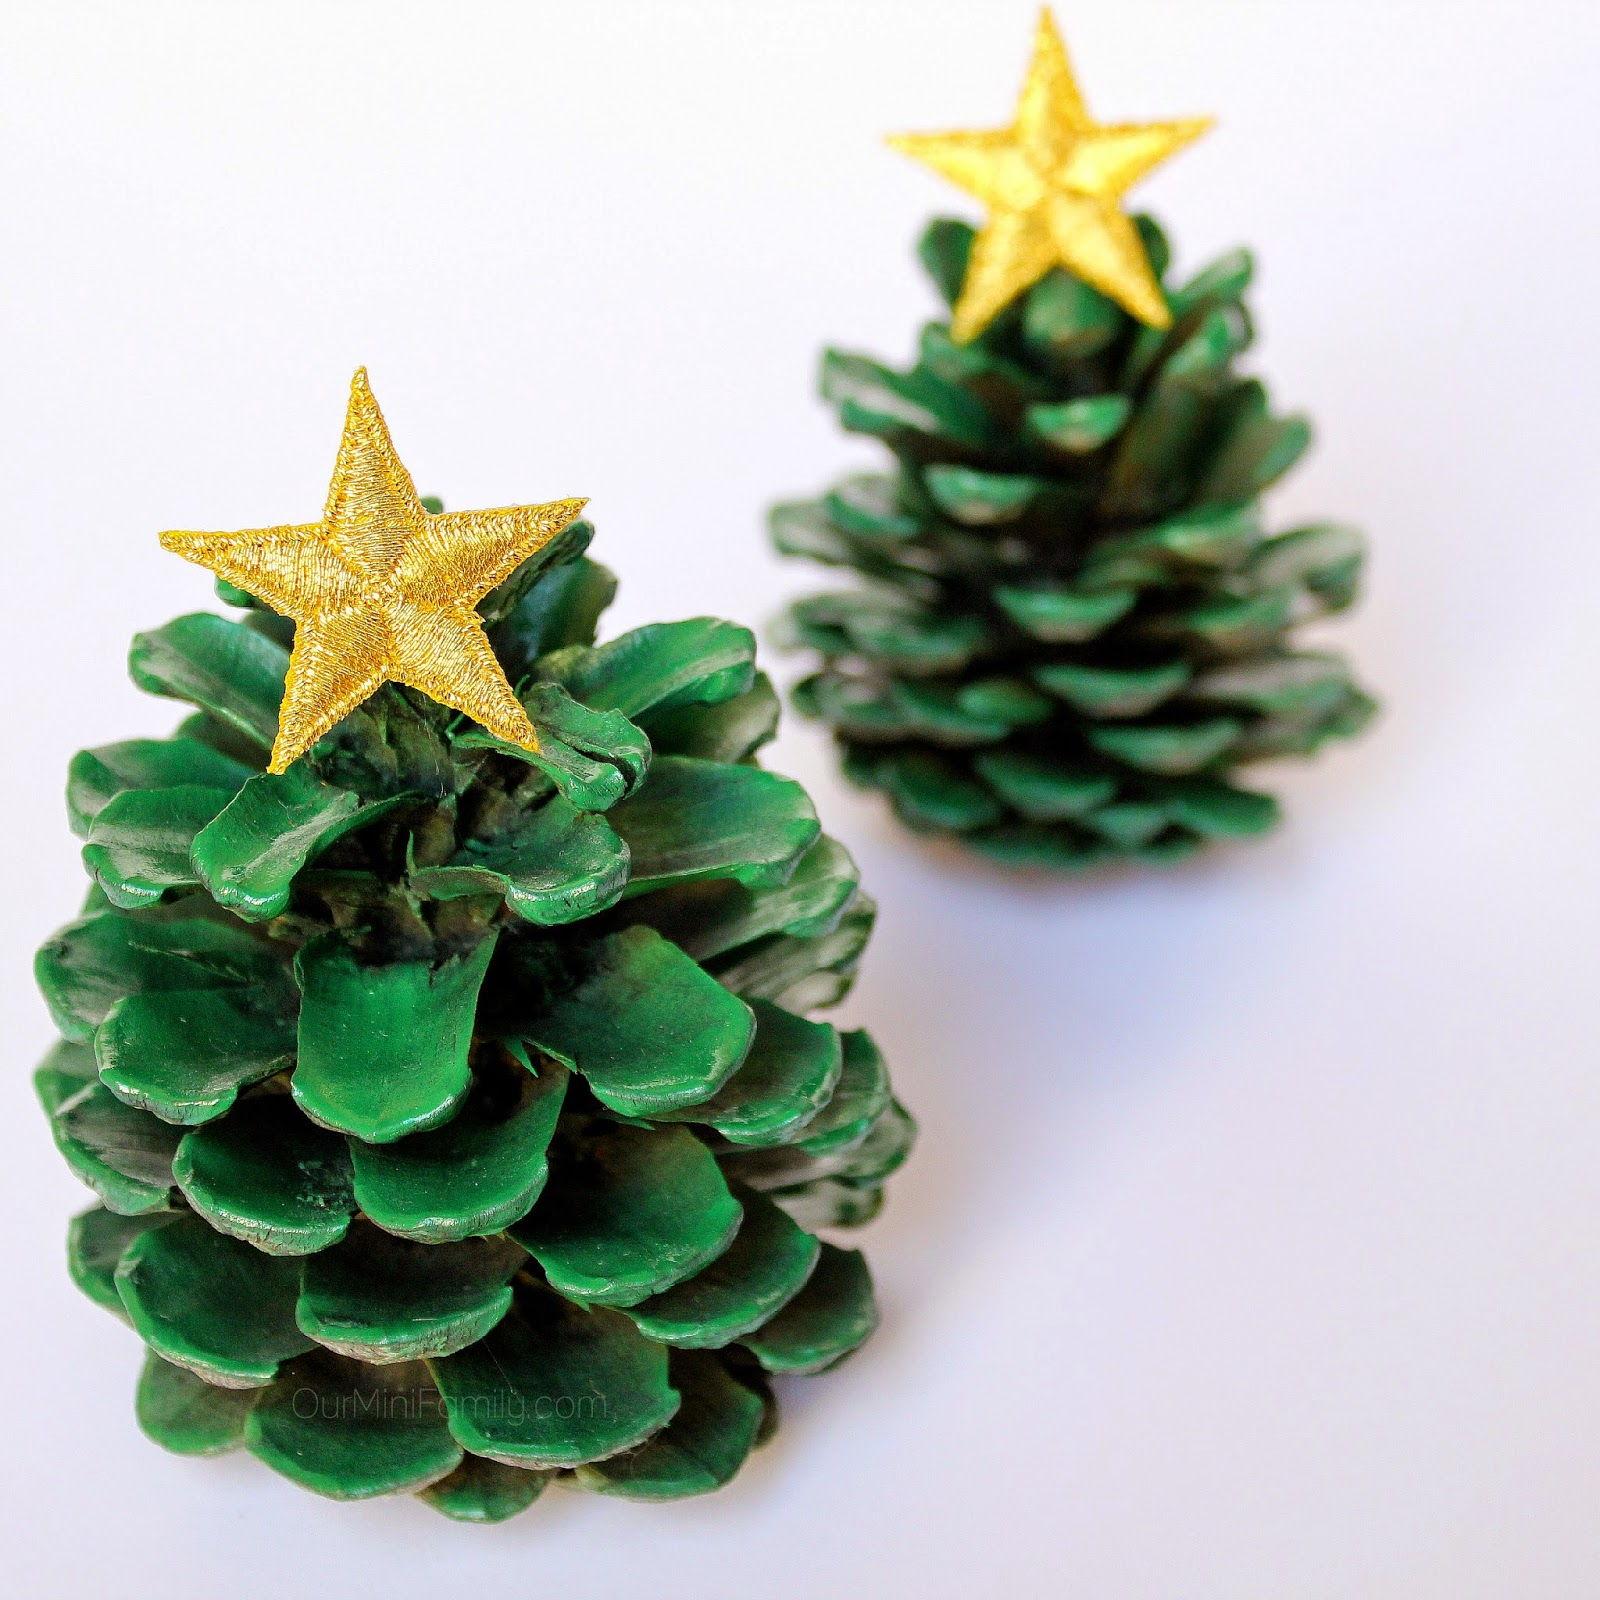 Weihnachtsbaum Kerzenhalter.Weihnachtsbaum Kerzenhalter